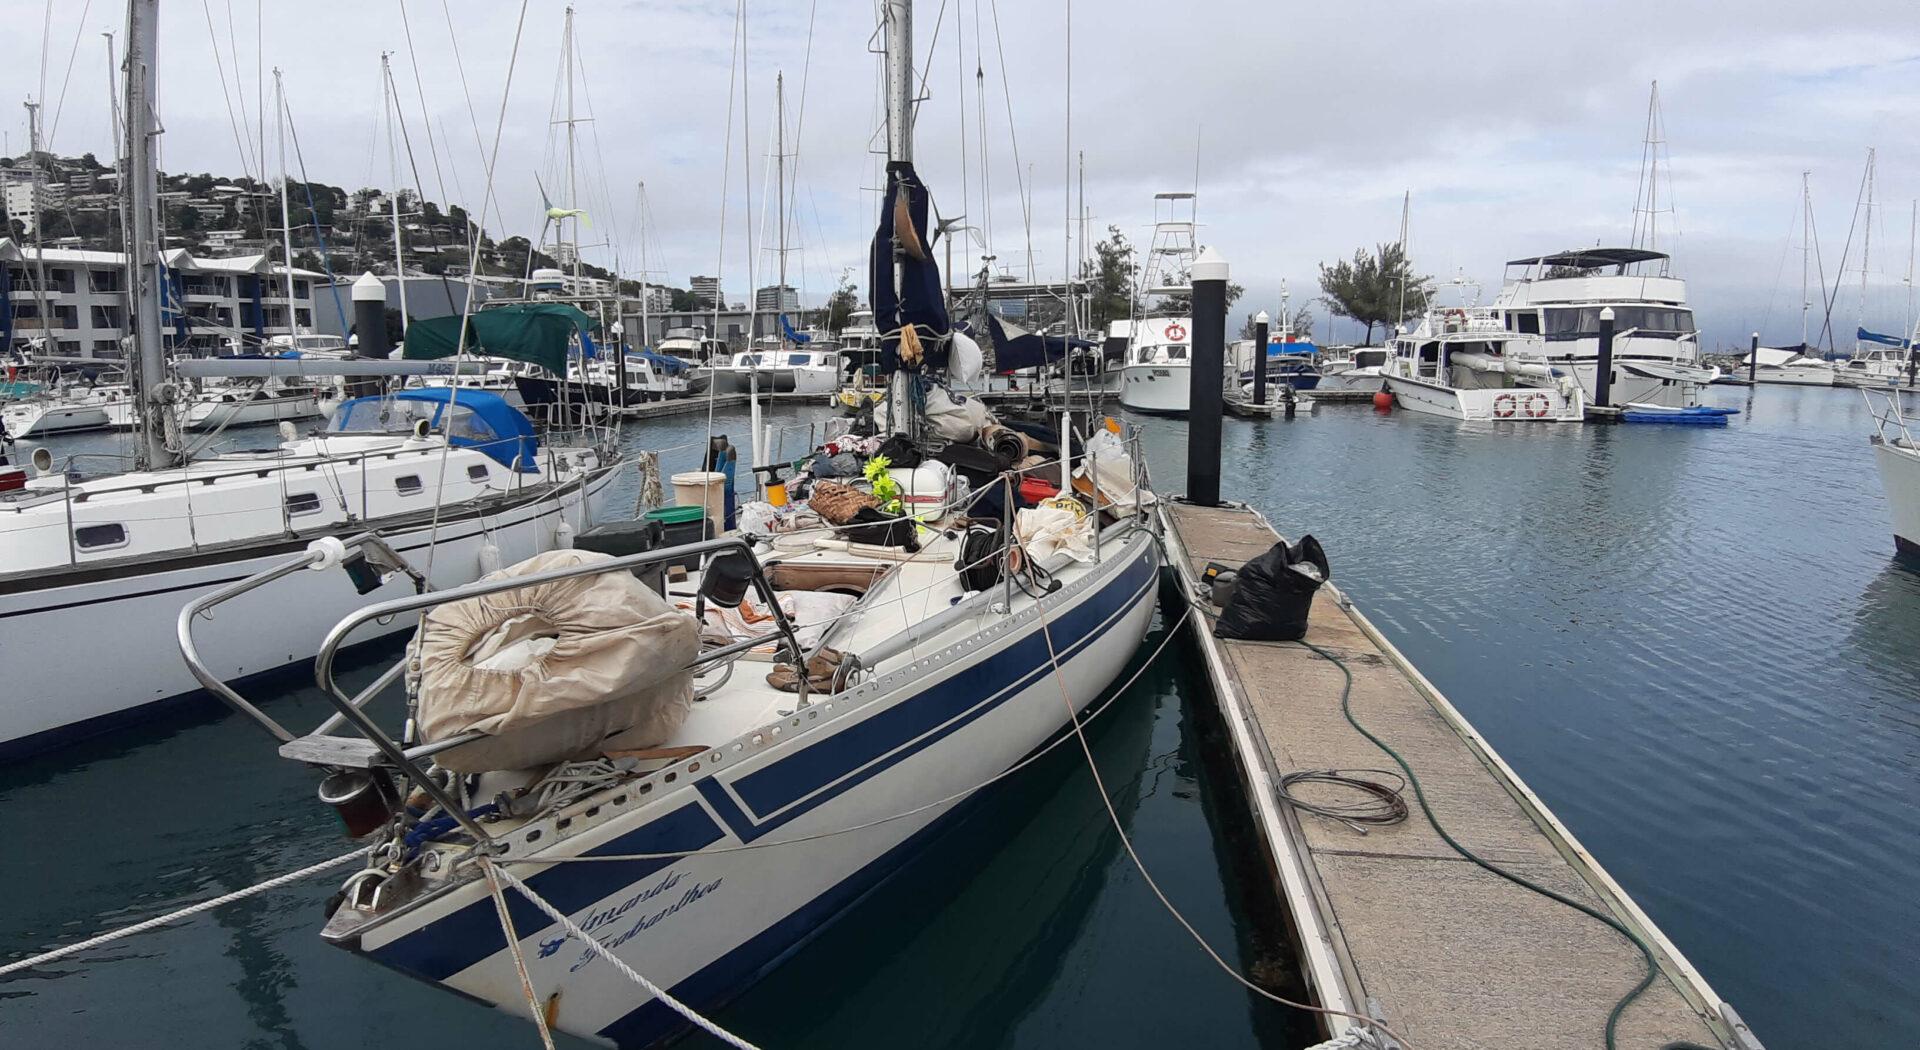 Vi endevendte båten og kvitta oss med nesten et halvt tonn skrot! Det syntes på vannlinjen. Fotoꓽ Amanda Sailing